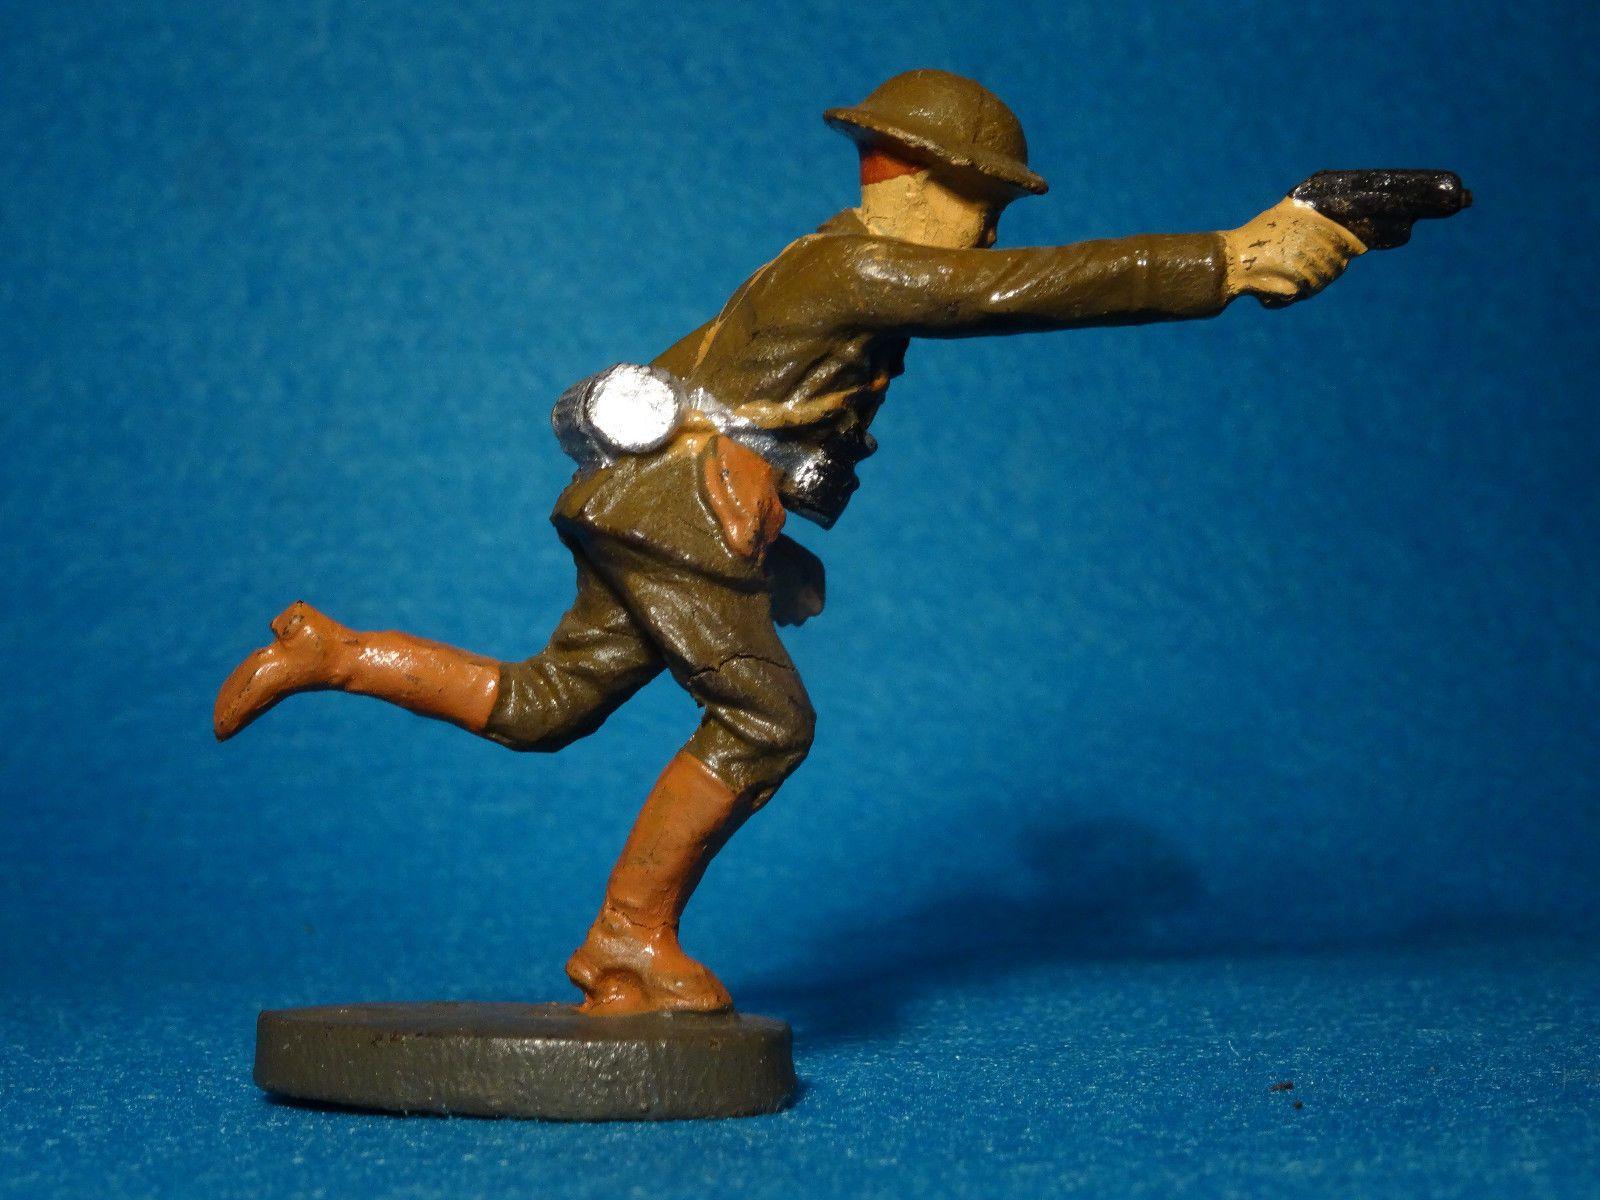 Elastolin Hausser Englischer Soldat 4 im 7,5 cm Maßstab | eBay